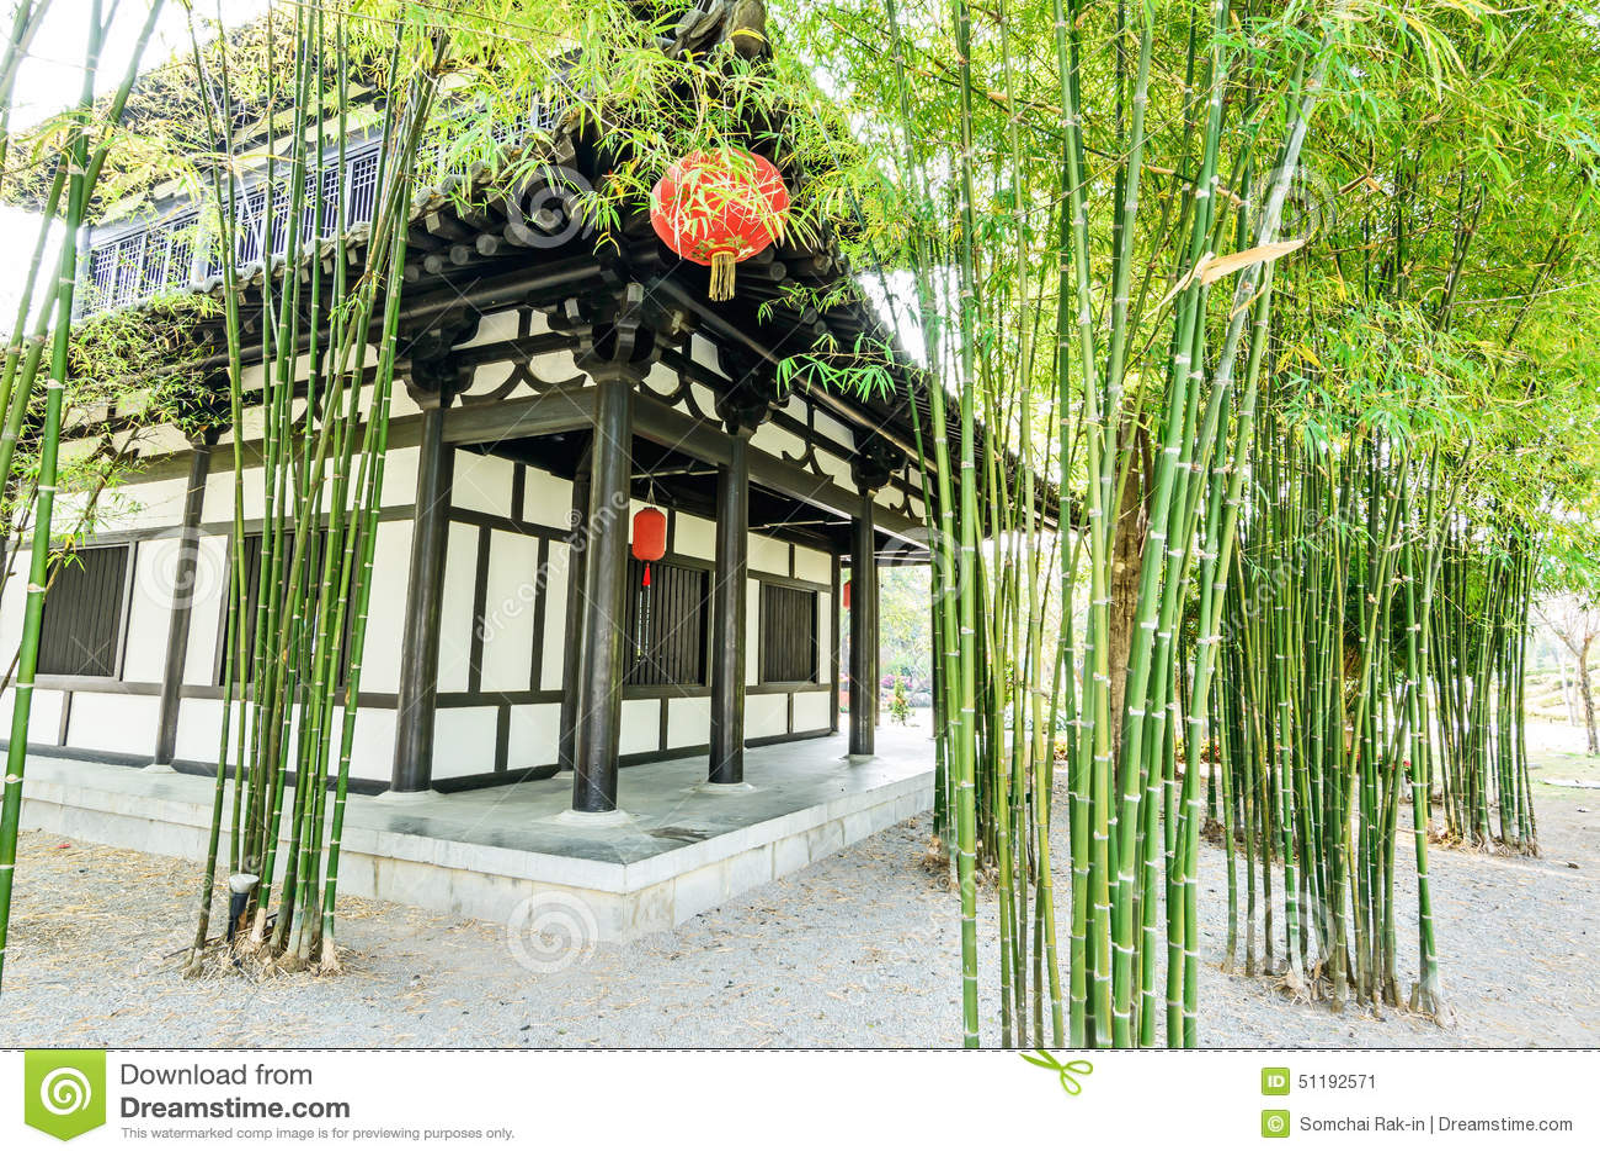 Le jardin et la maison en bambou chinois photo stock for Conception jardin chinois